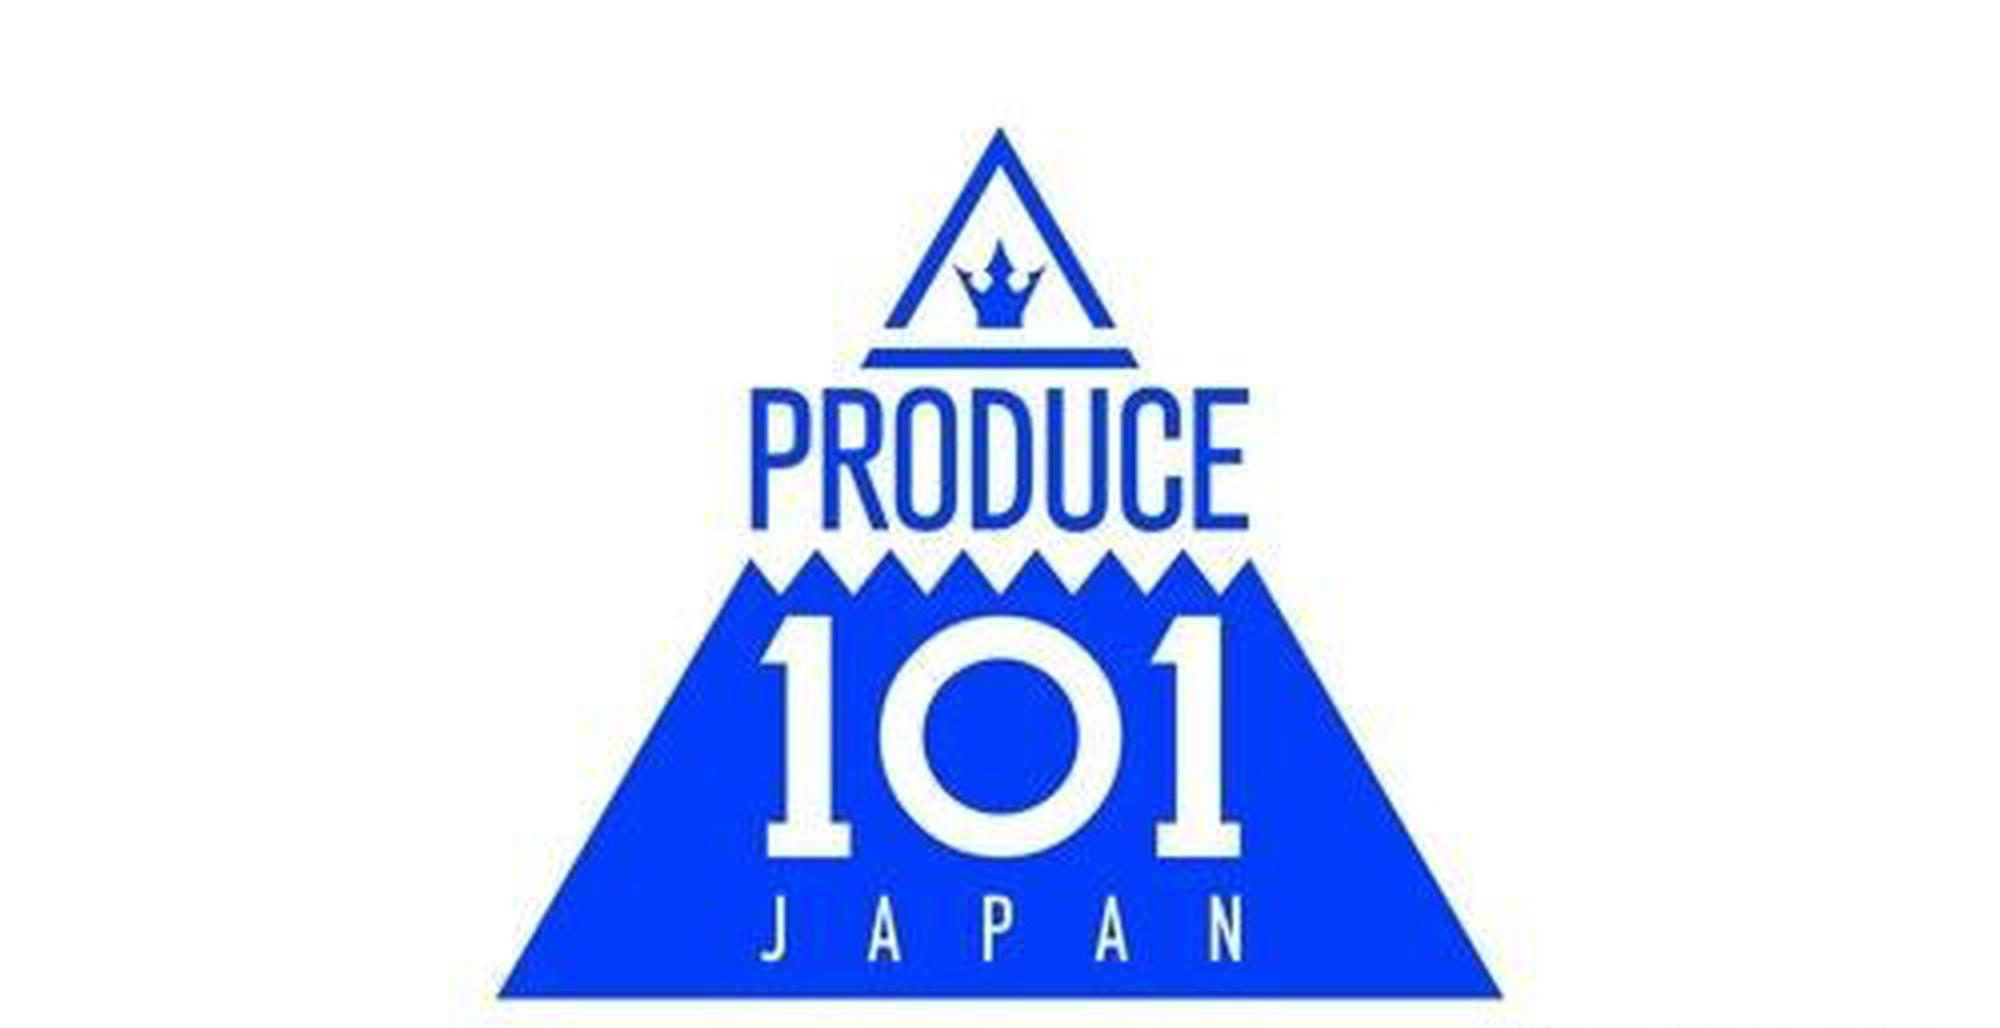 日本版《Produce 101》正拍摄